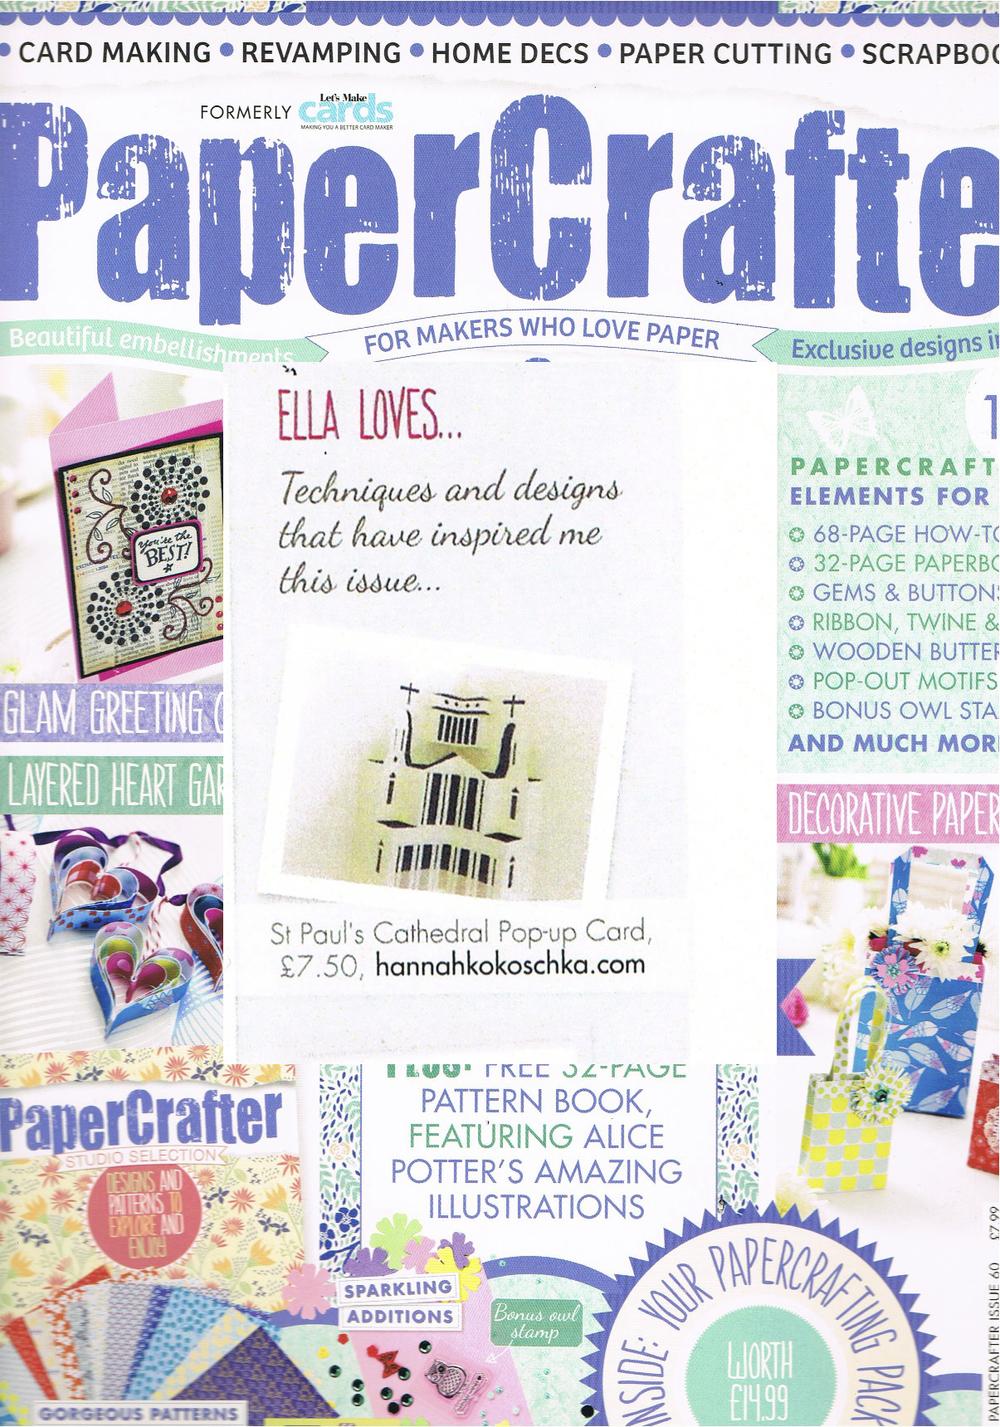 papercrafter.jpg